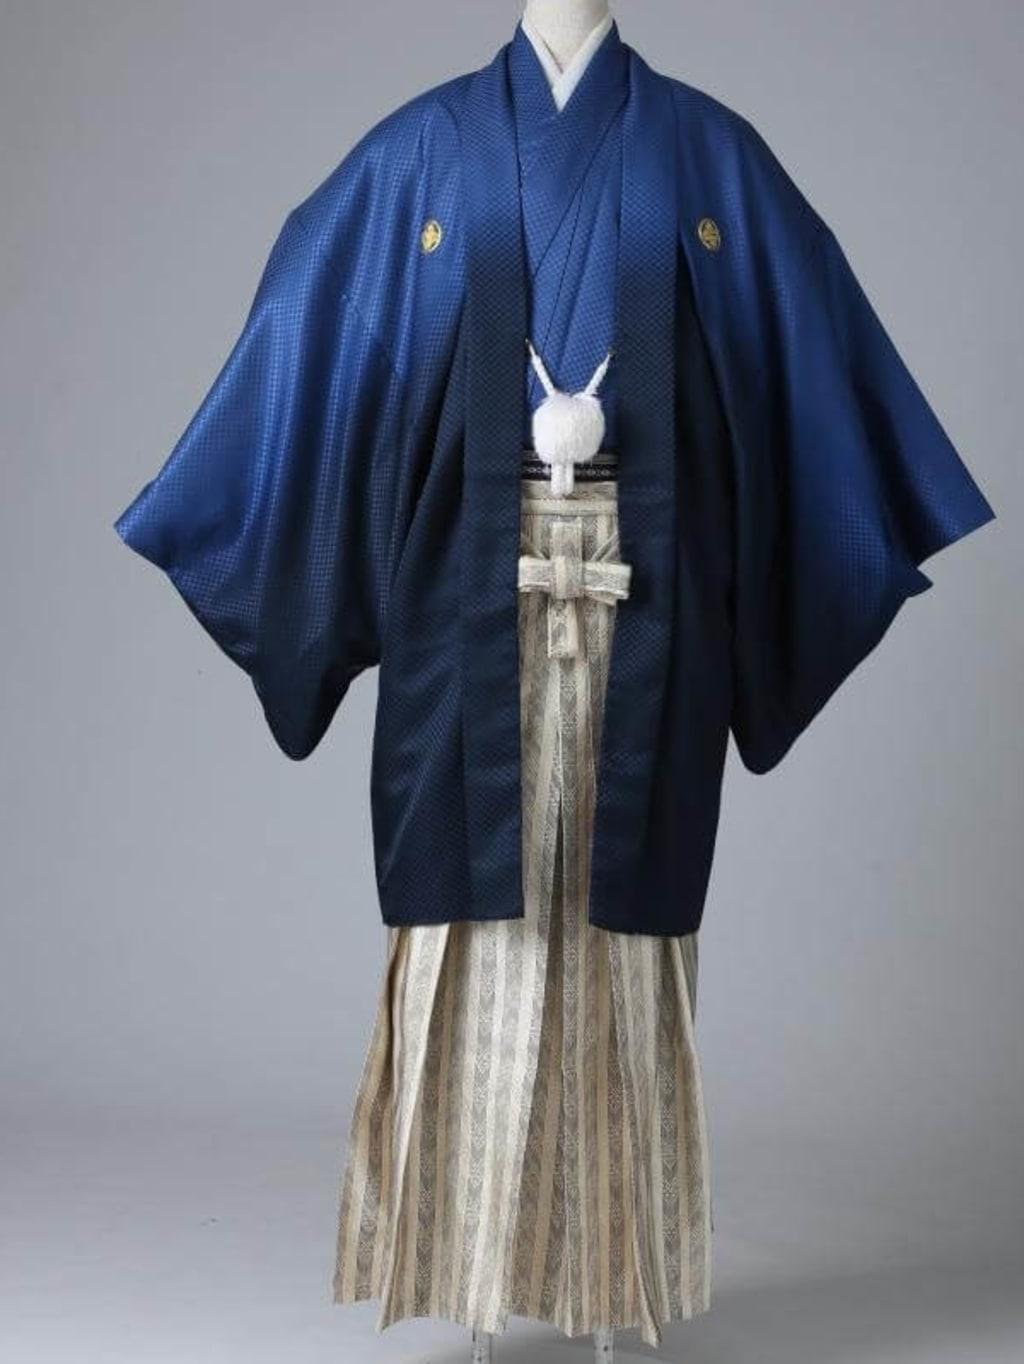 ネイビーグラデーション紋服 ゴールド袴_横浜店